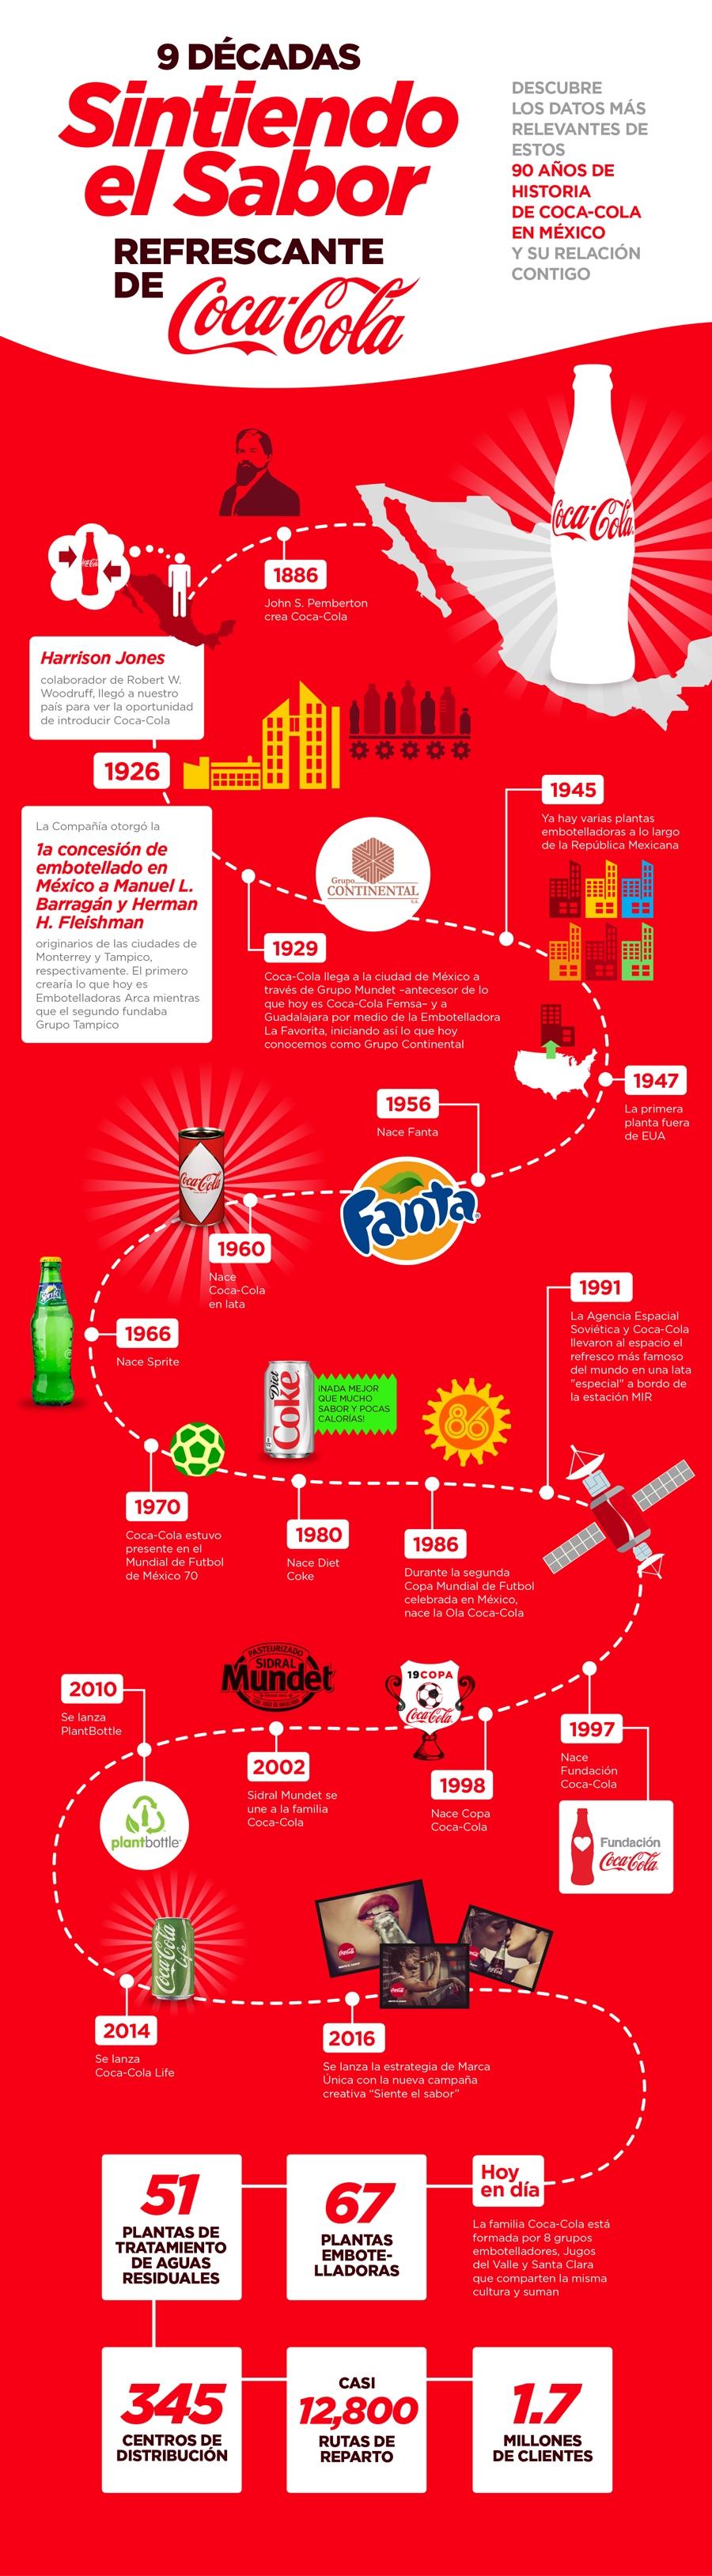 90 años de historia de Coca-Cola en México